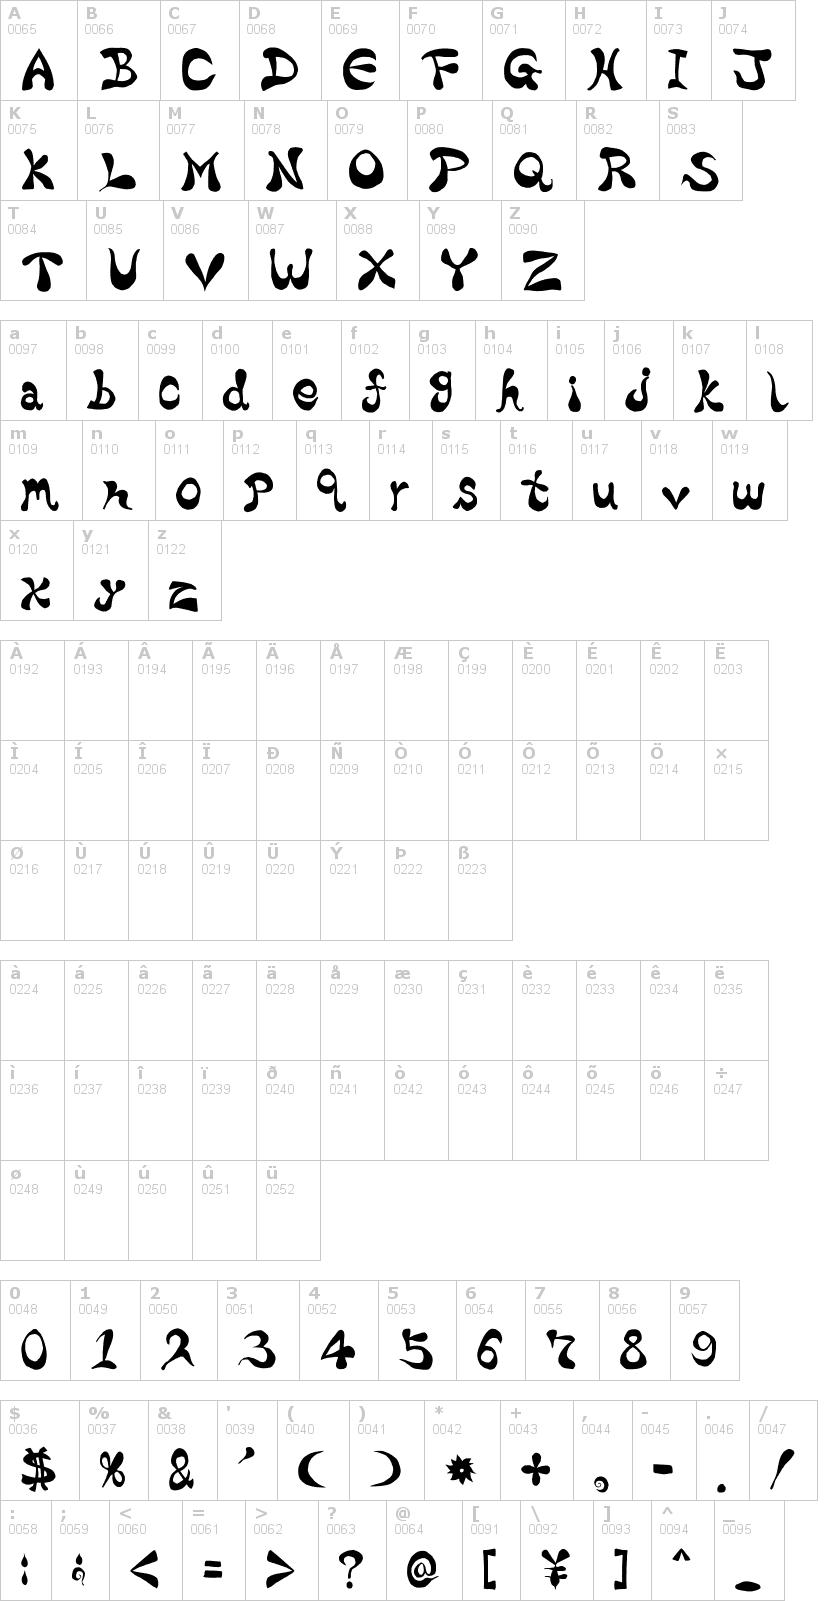 Lettere dell'alfabeto del font bharatic con le quali è possibile realizzare adesivi prespaziati